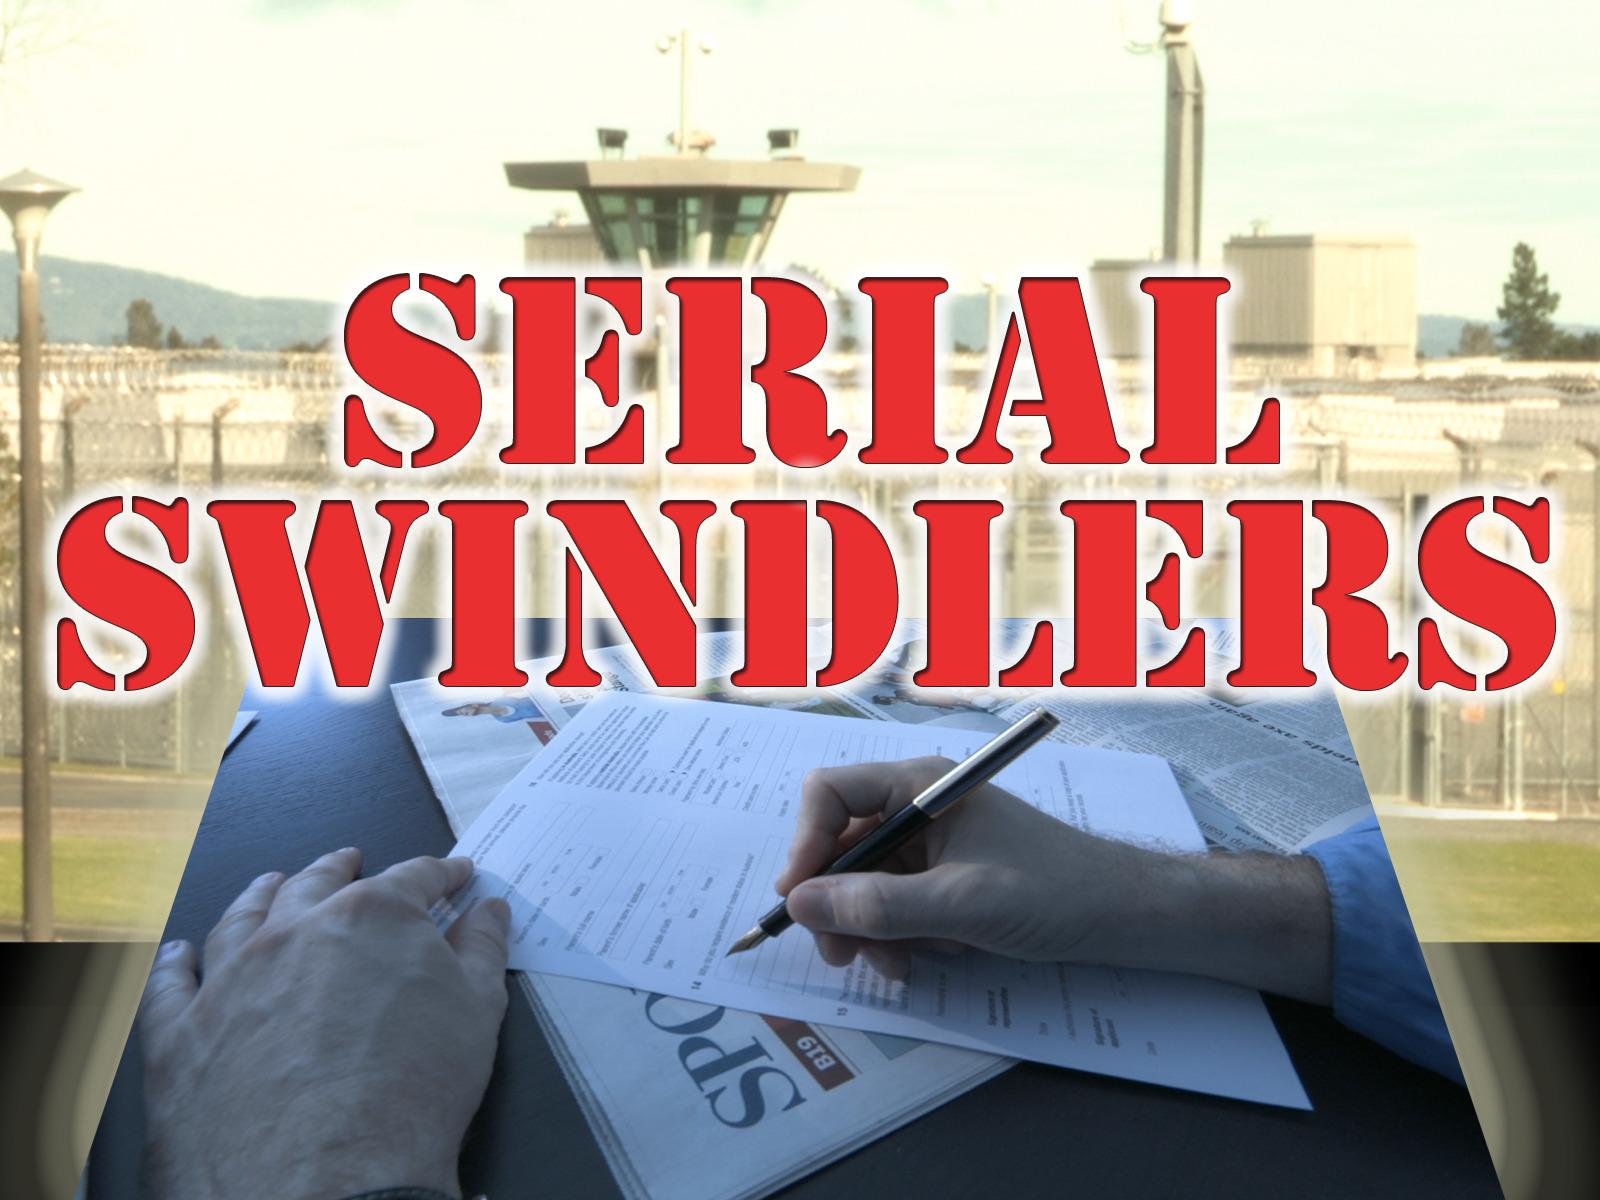 Watch Serial Swindlers Season 1 Episode 13: Briggs aka